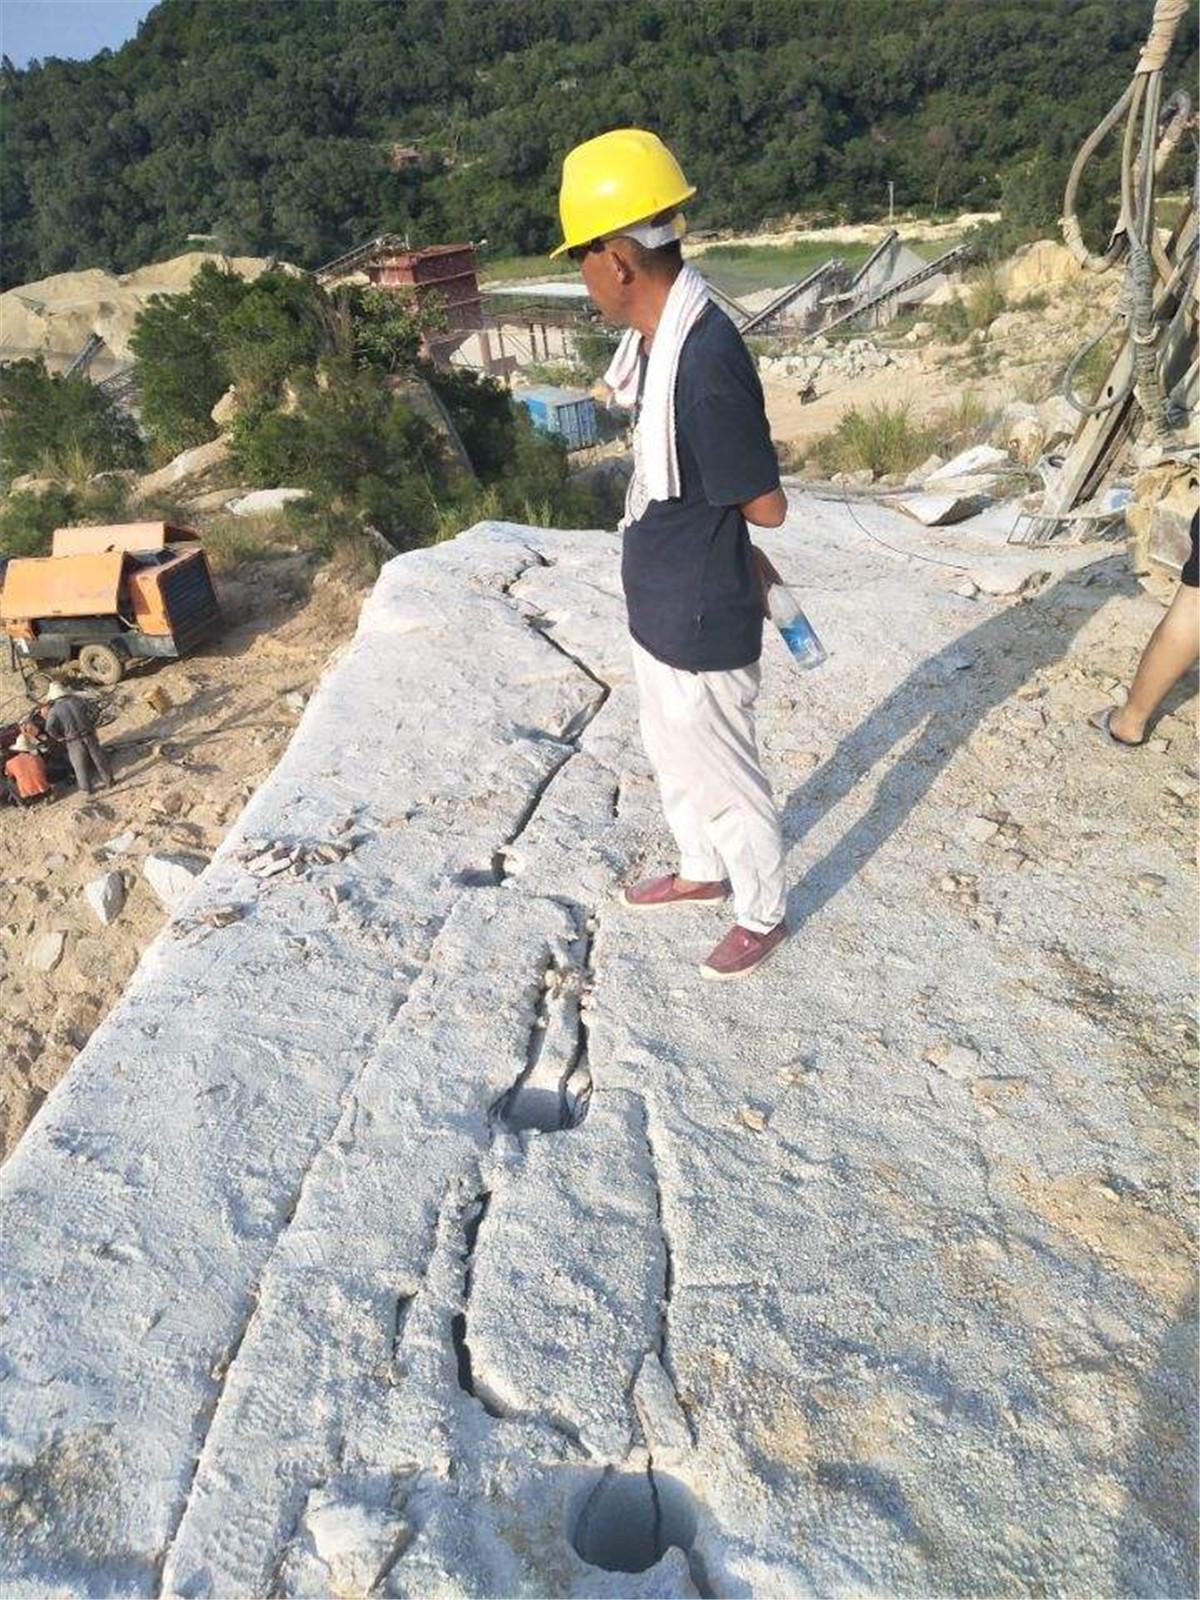 挖岩石基础石头太硬挖机炮锤效果不好用什么机械开山器